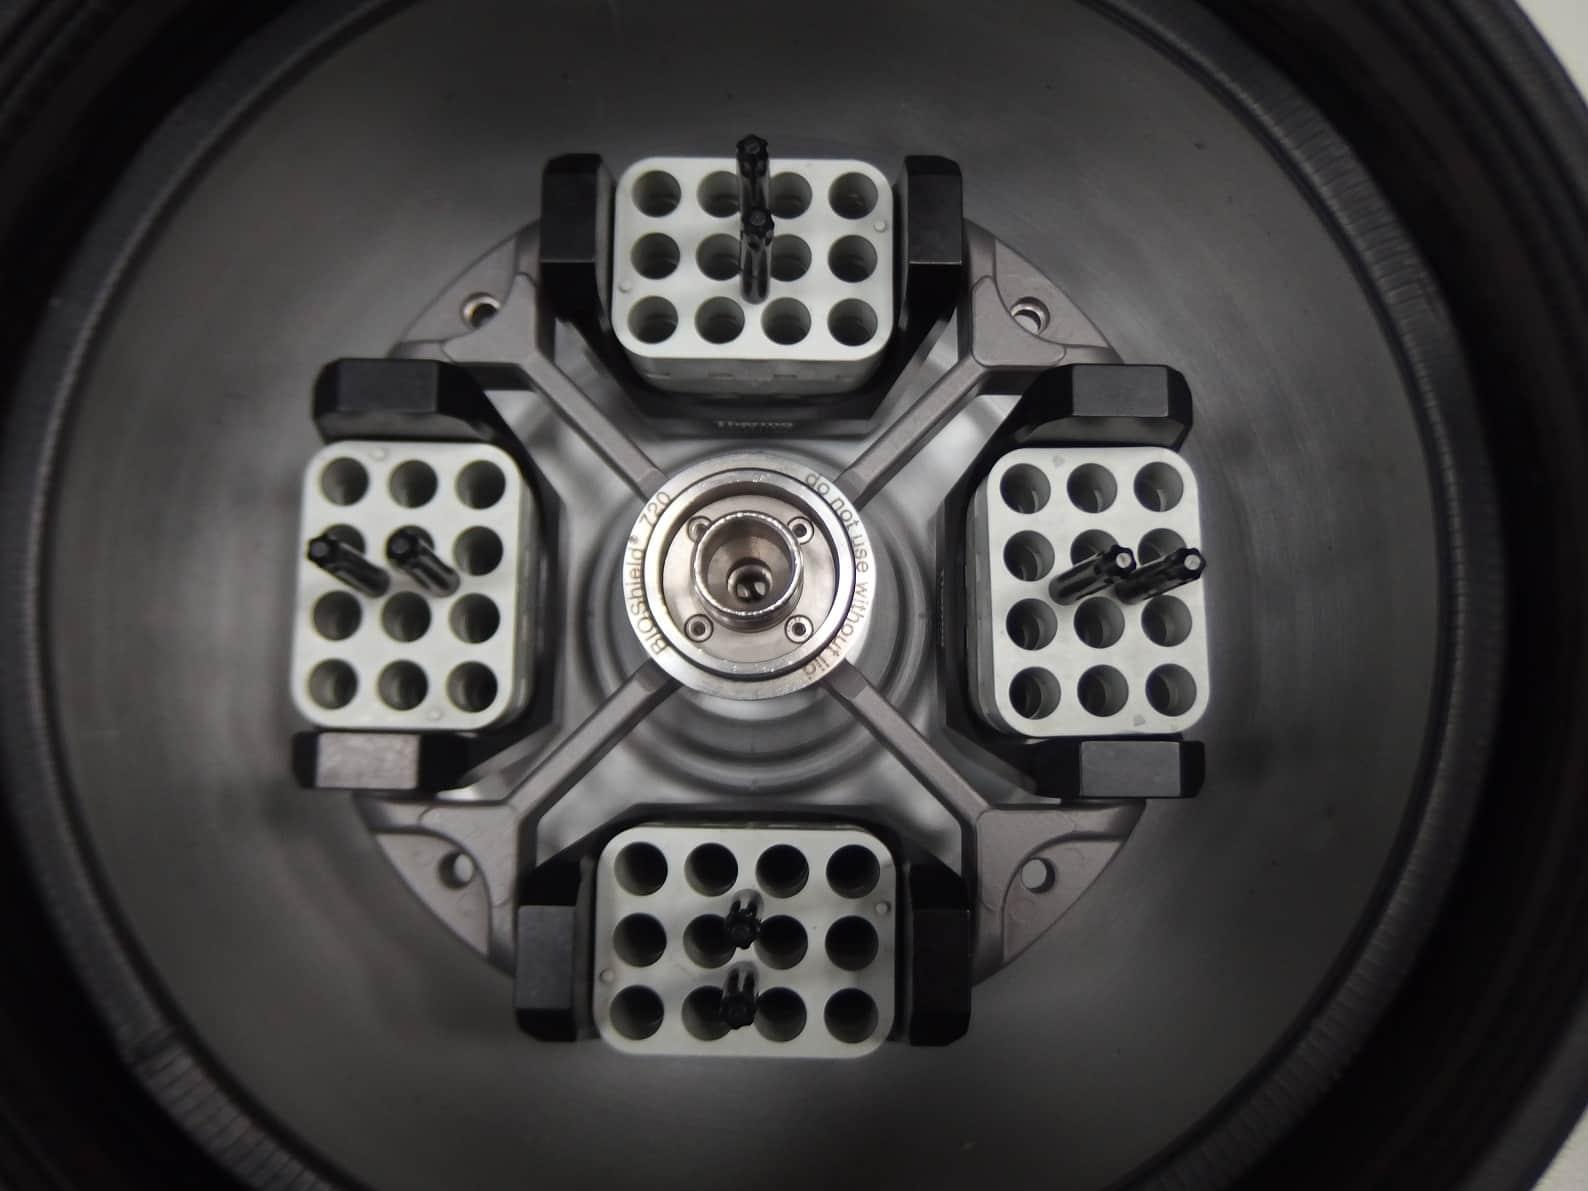 Centrifuge THERMO SCIENTIFIC SL 16 With Rotor BIOSHIELD 720